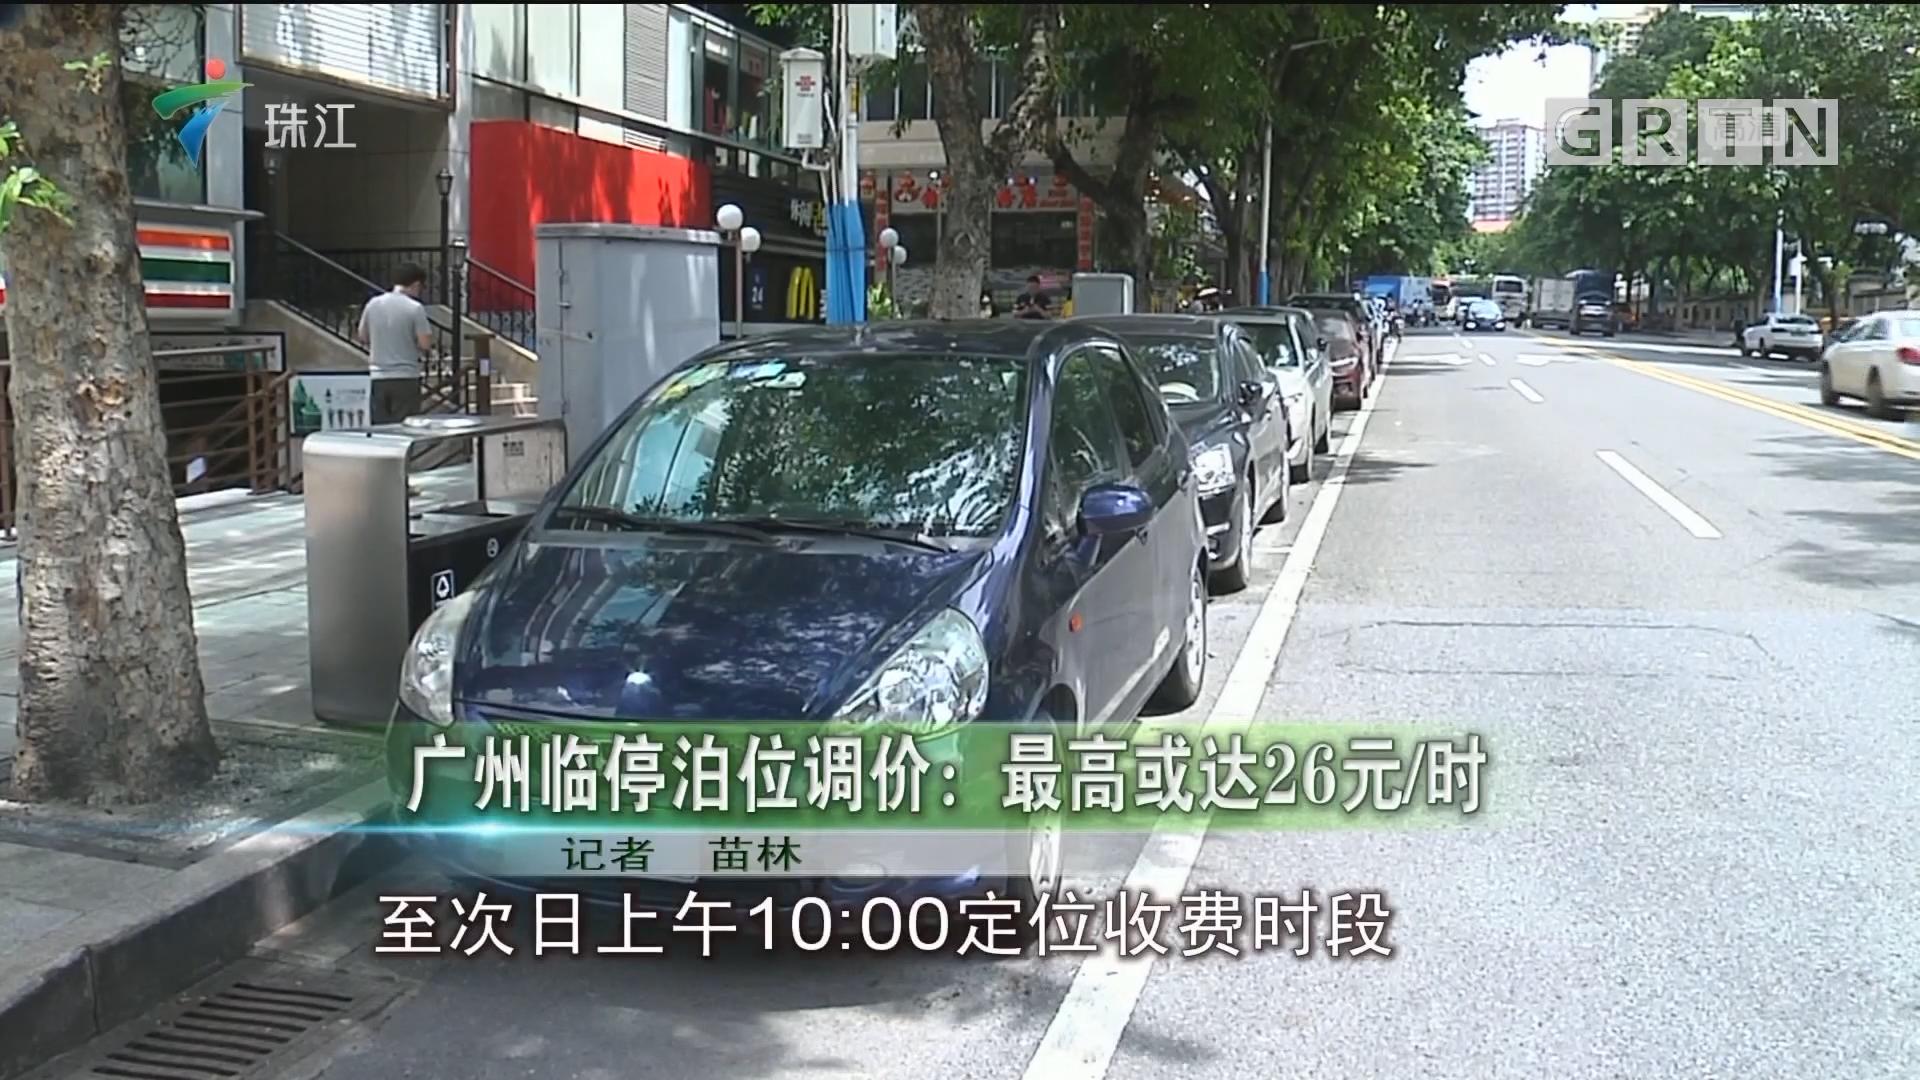 广州临停泊位调价:最高或达26元/时